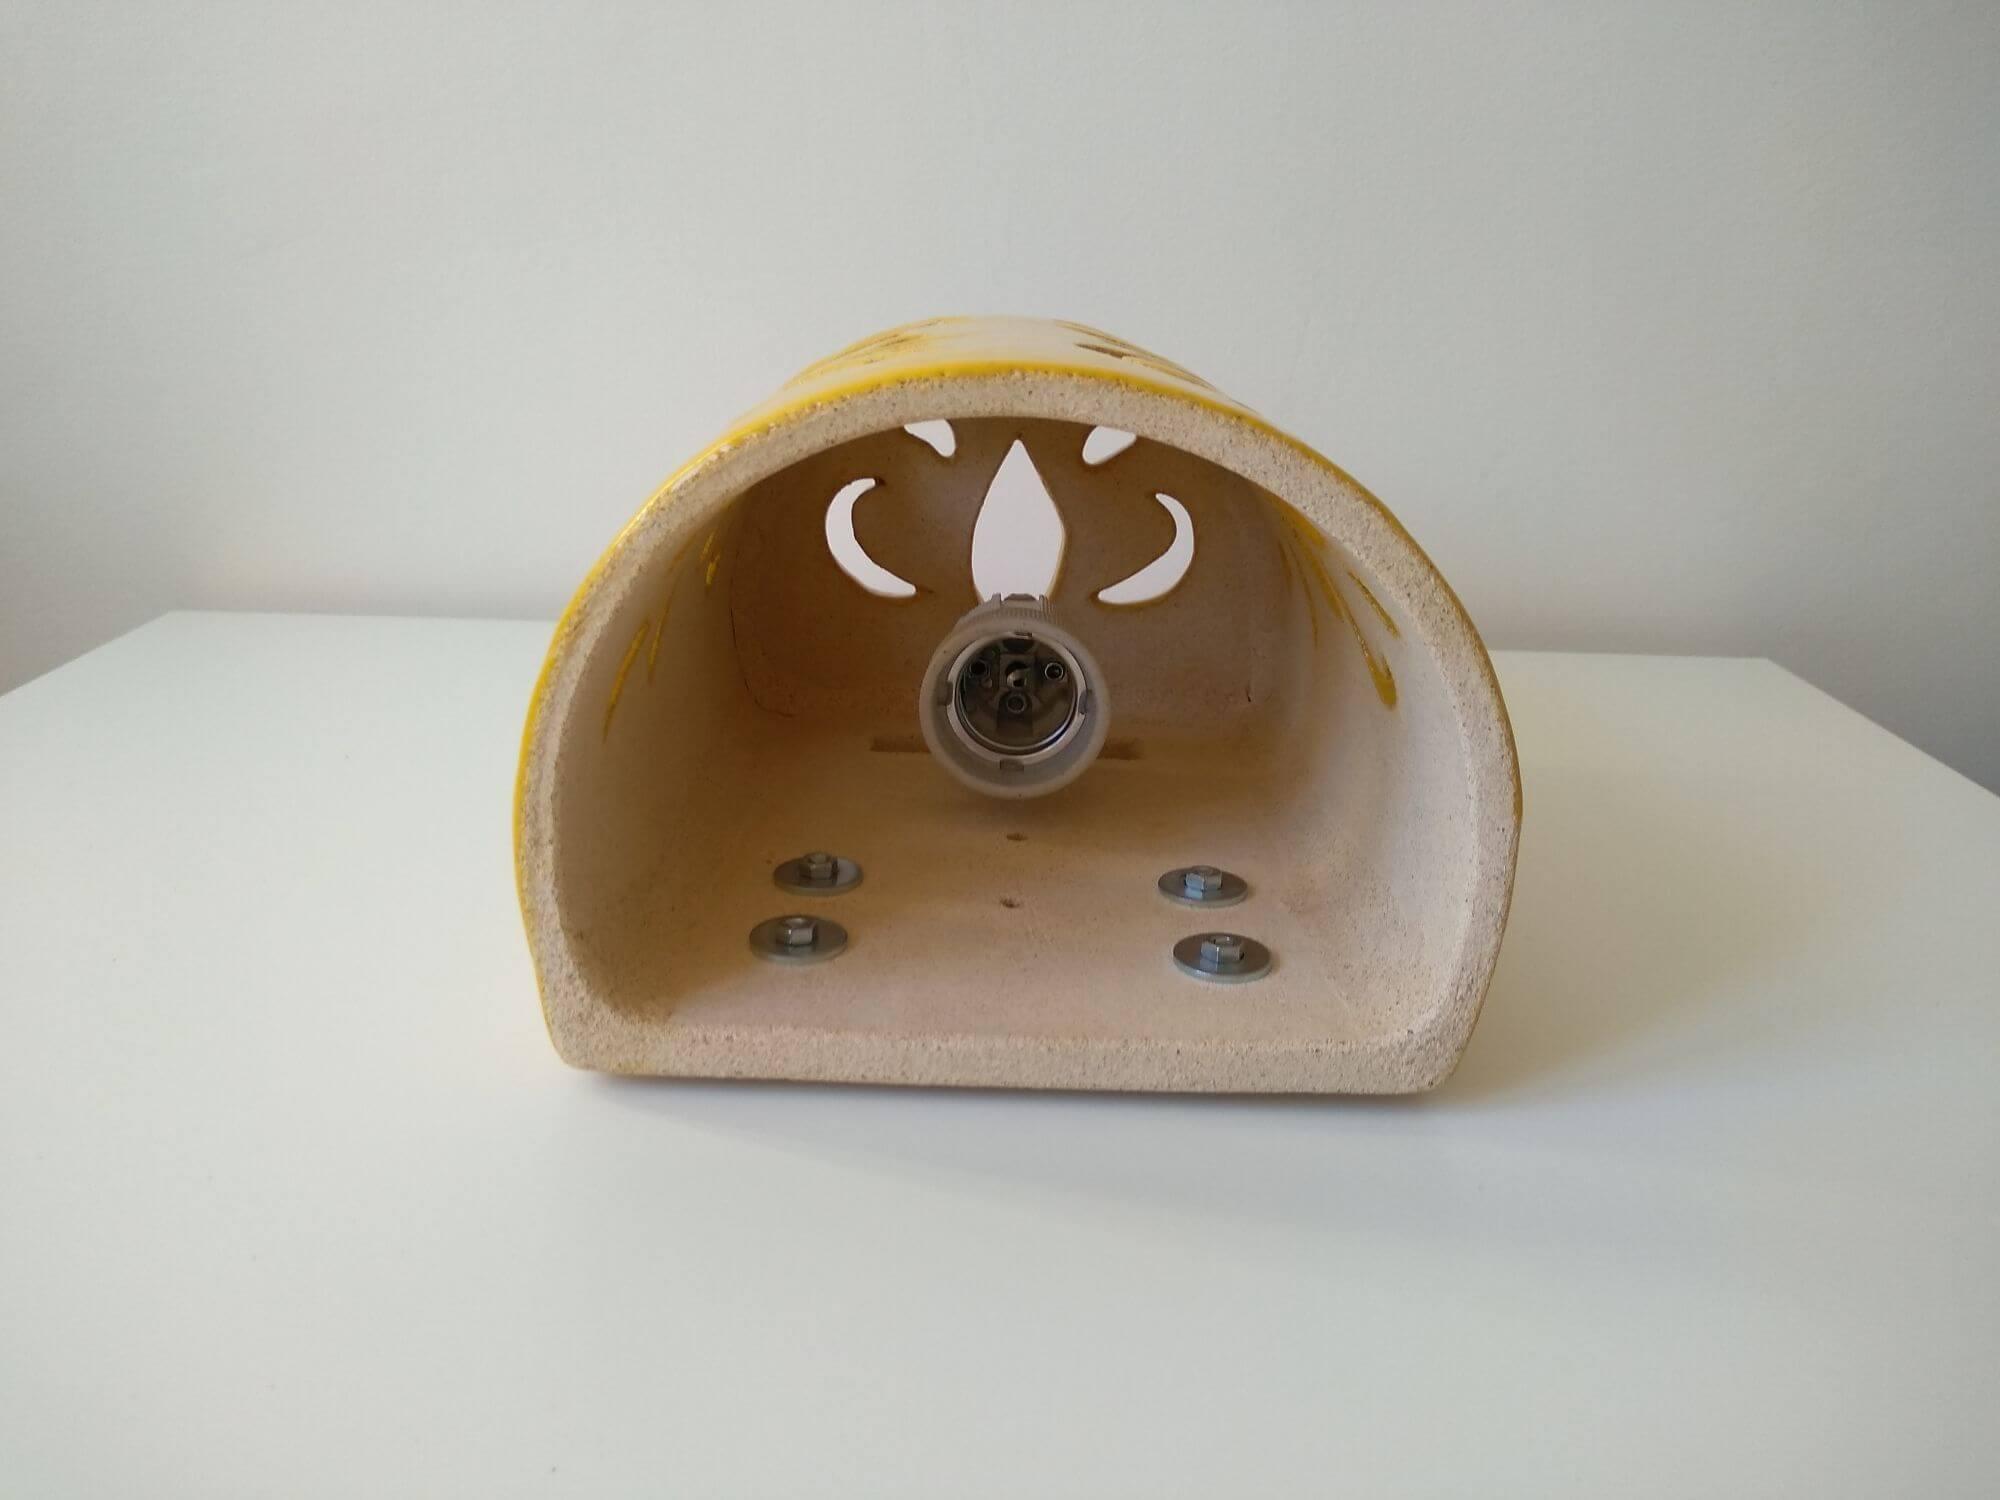 zolty-kinkiet-ceramiczny-zarowka